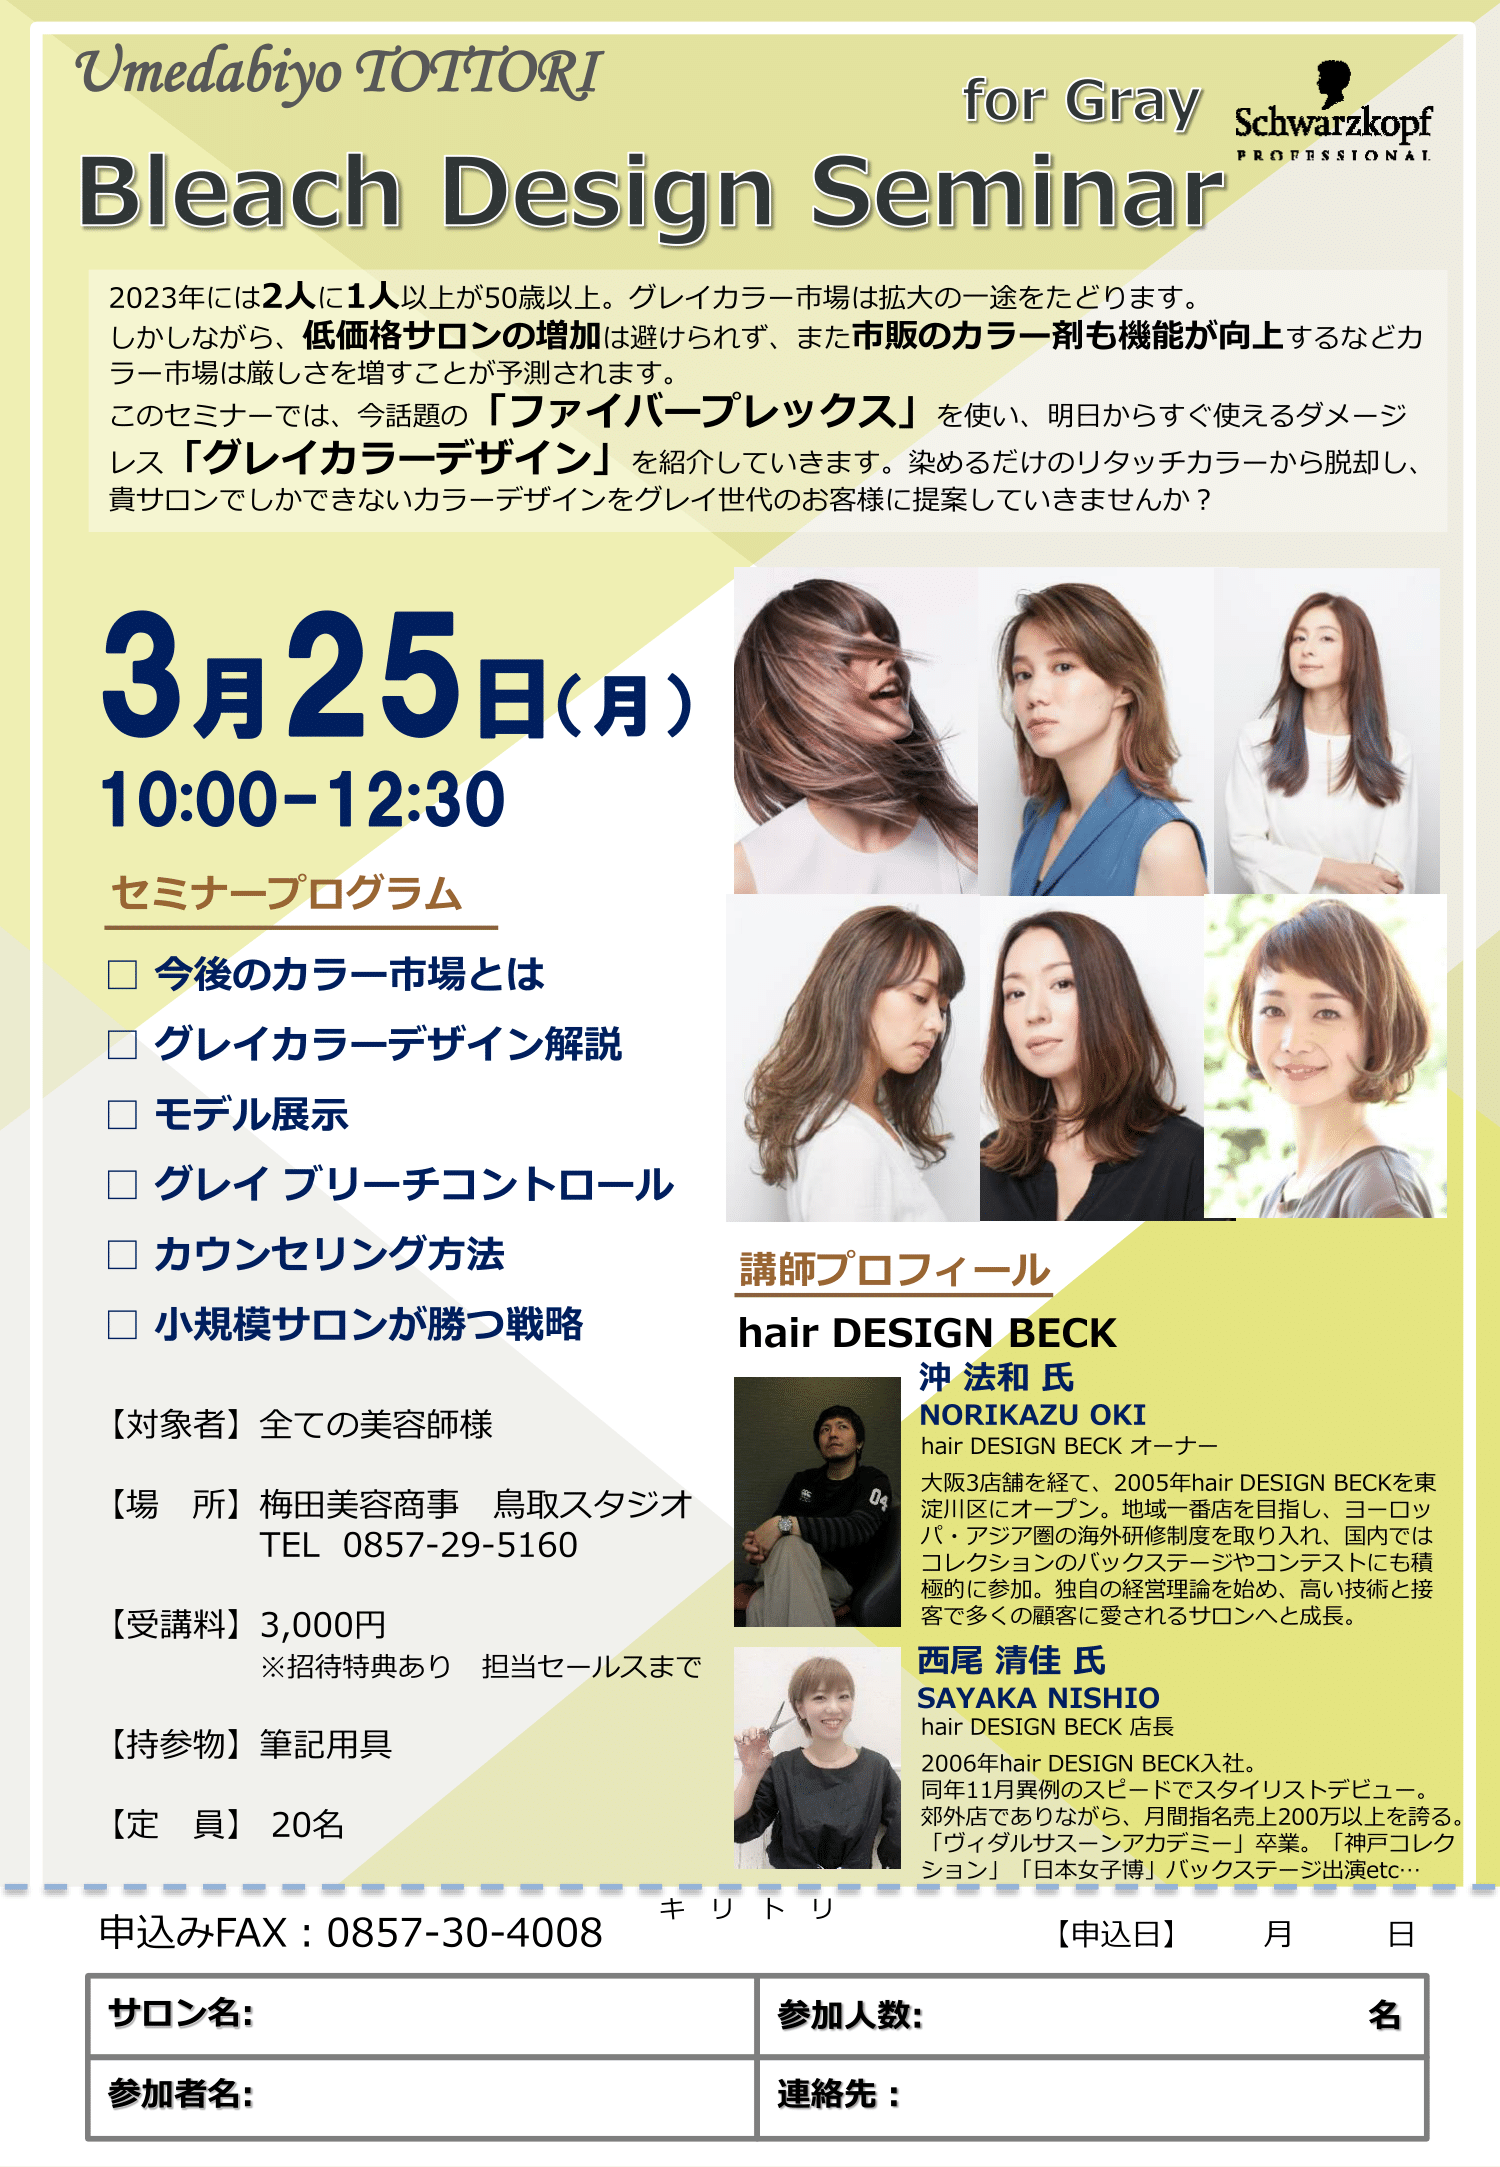 【鳥取】ブリーチデザインセミナー